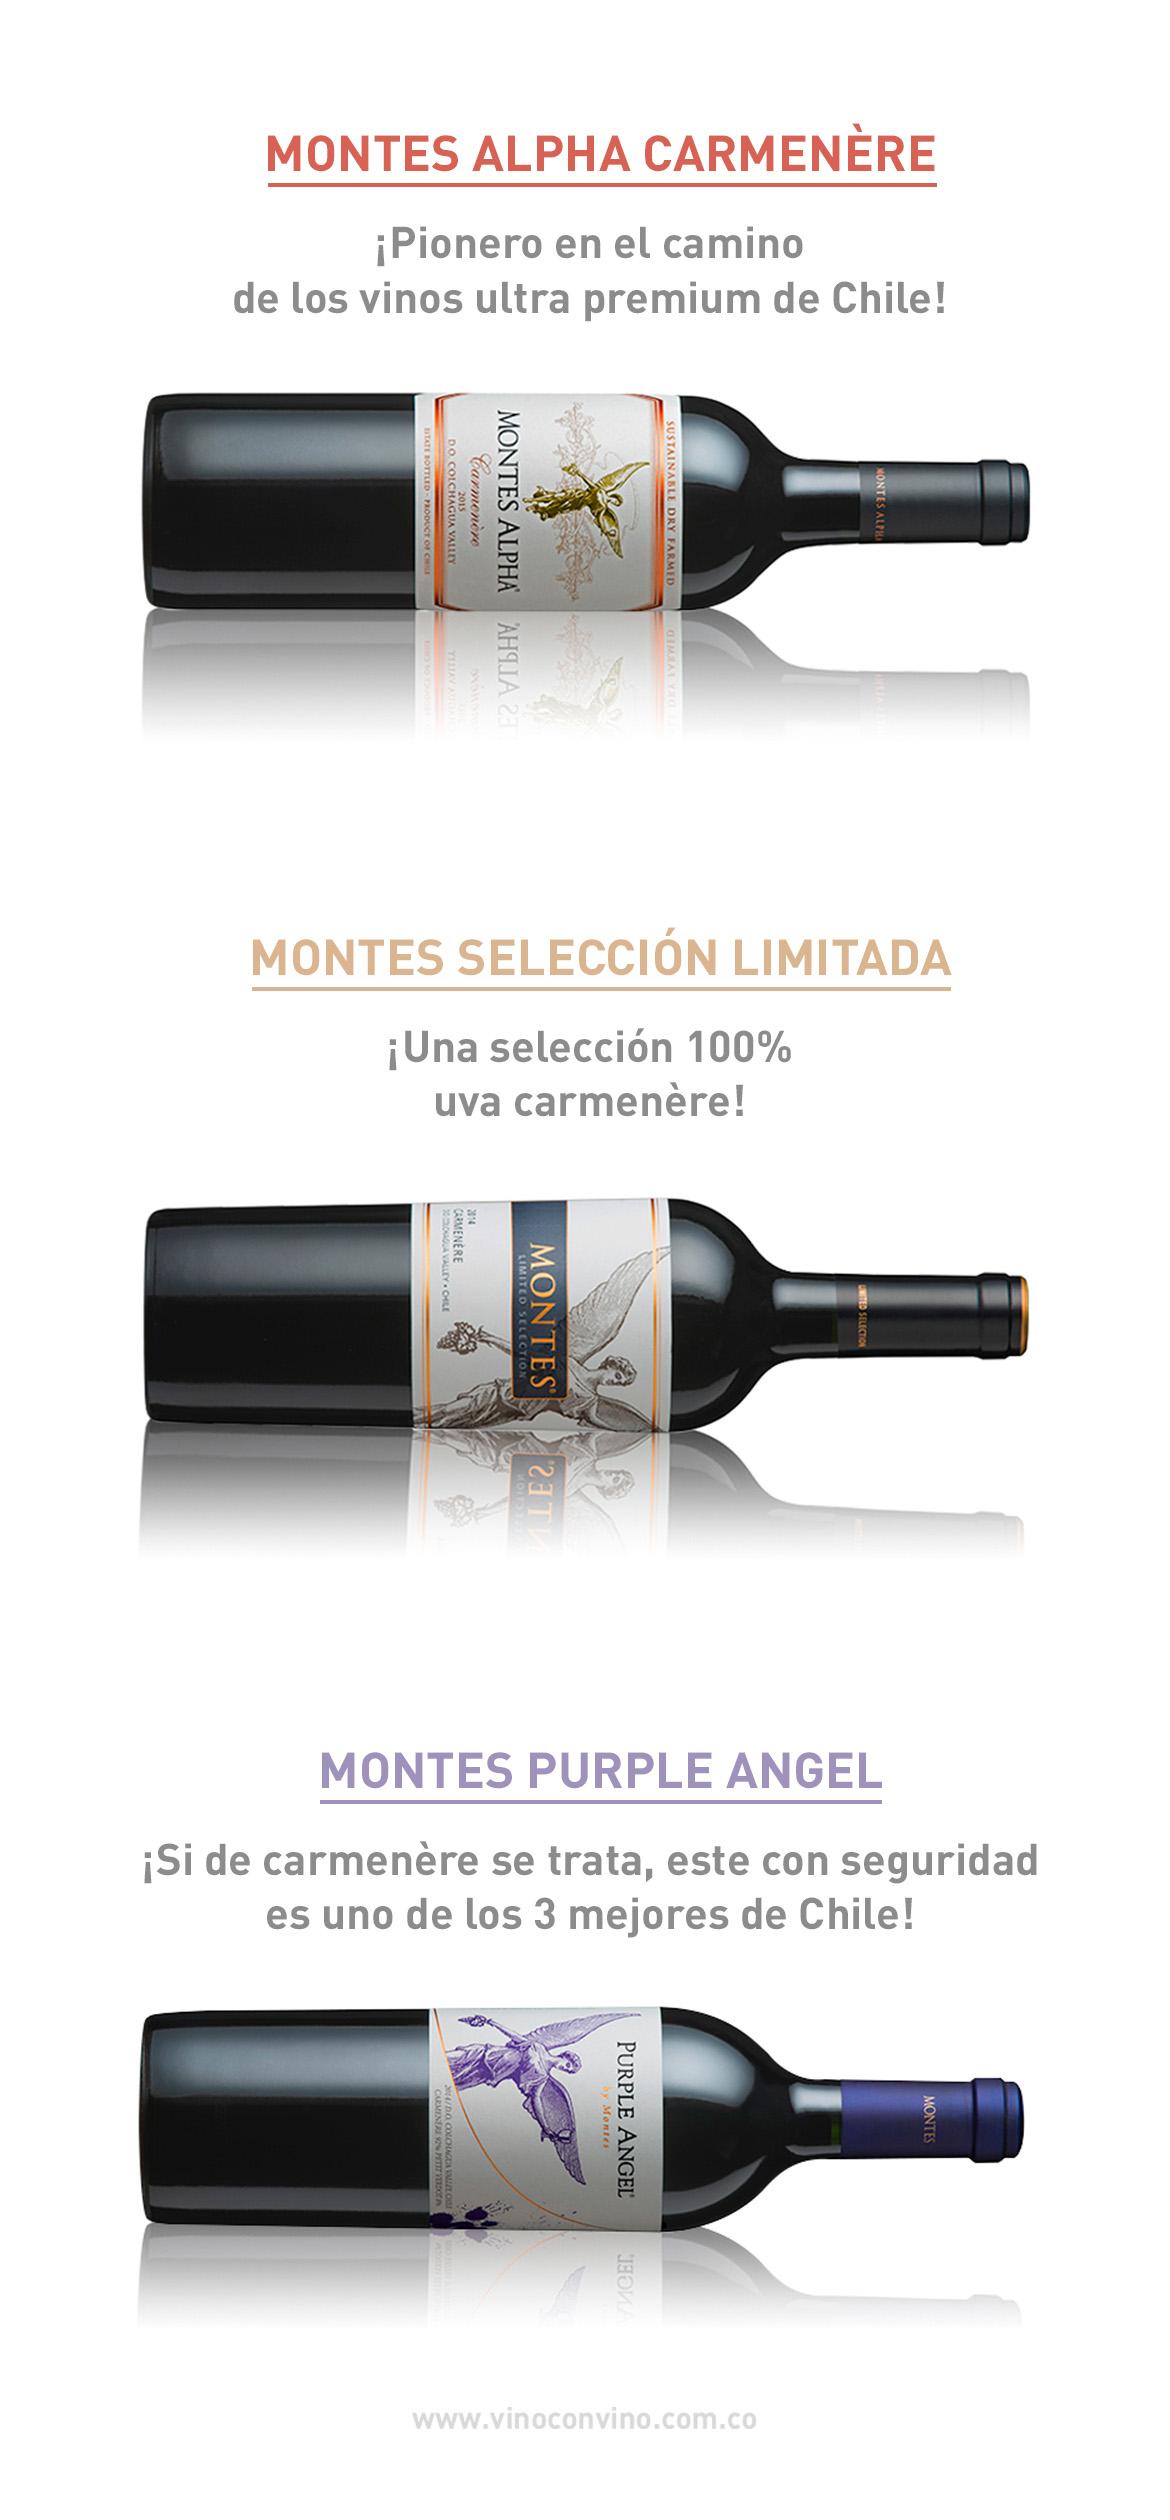 Vinos Carmenère Recomendados